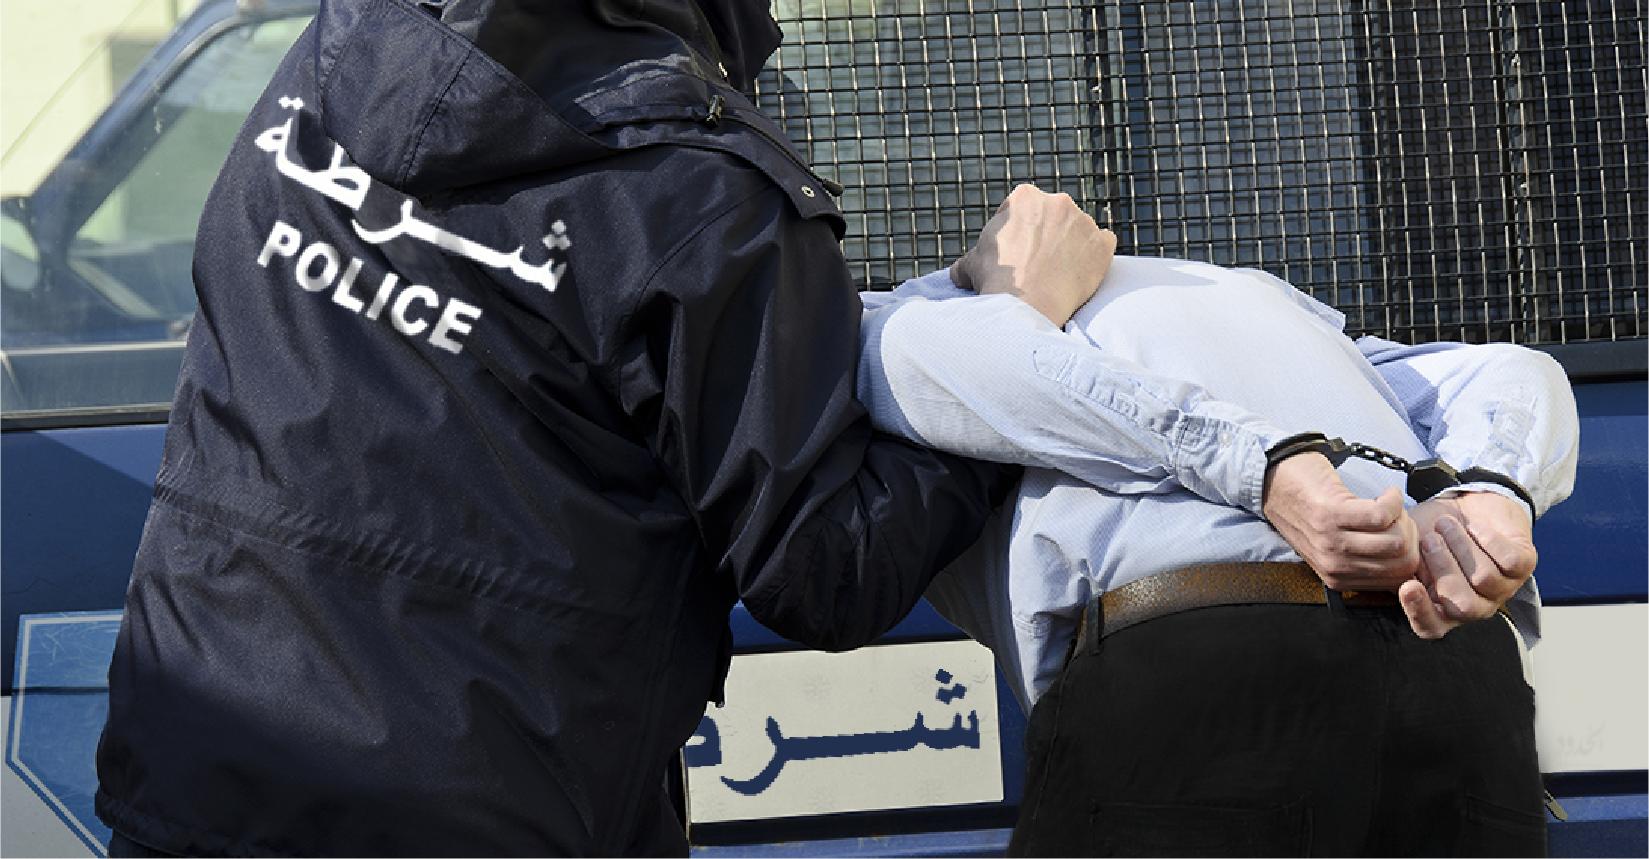 صورة السلطات تلقي القبض على مدير مكافحة الفساد بتهمة تعكير الصفو العام